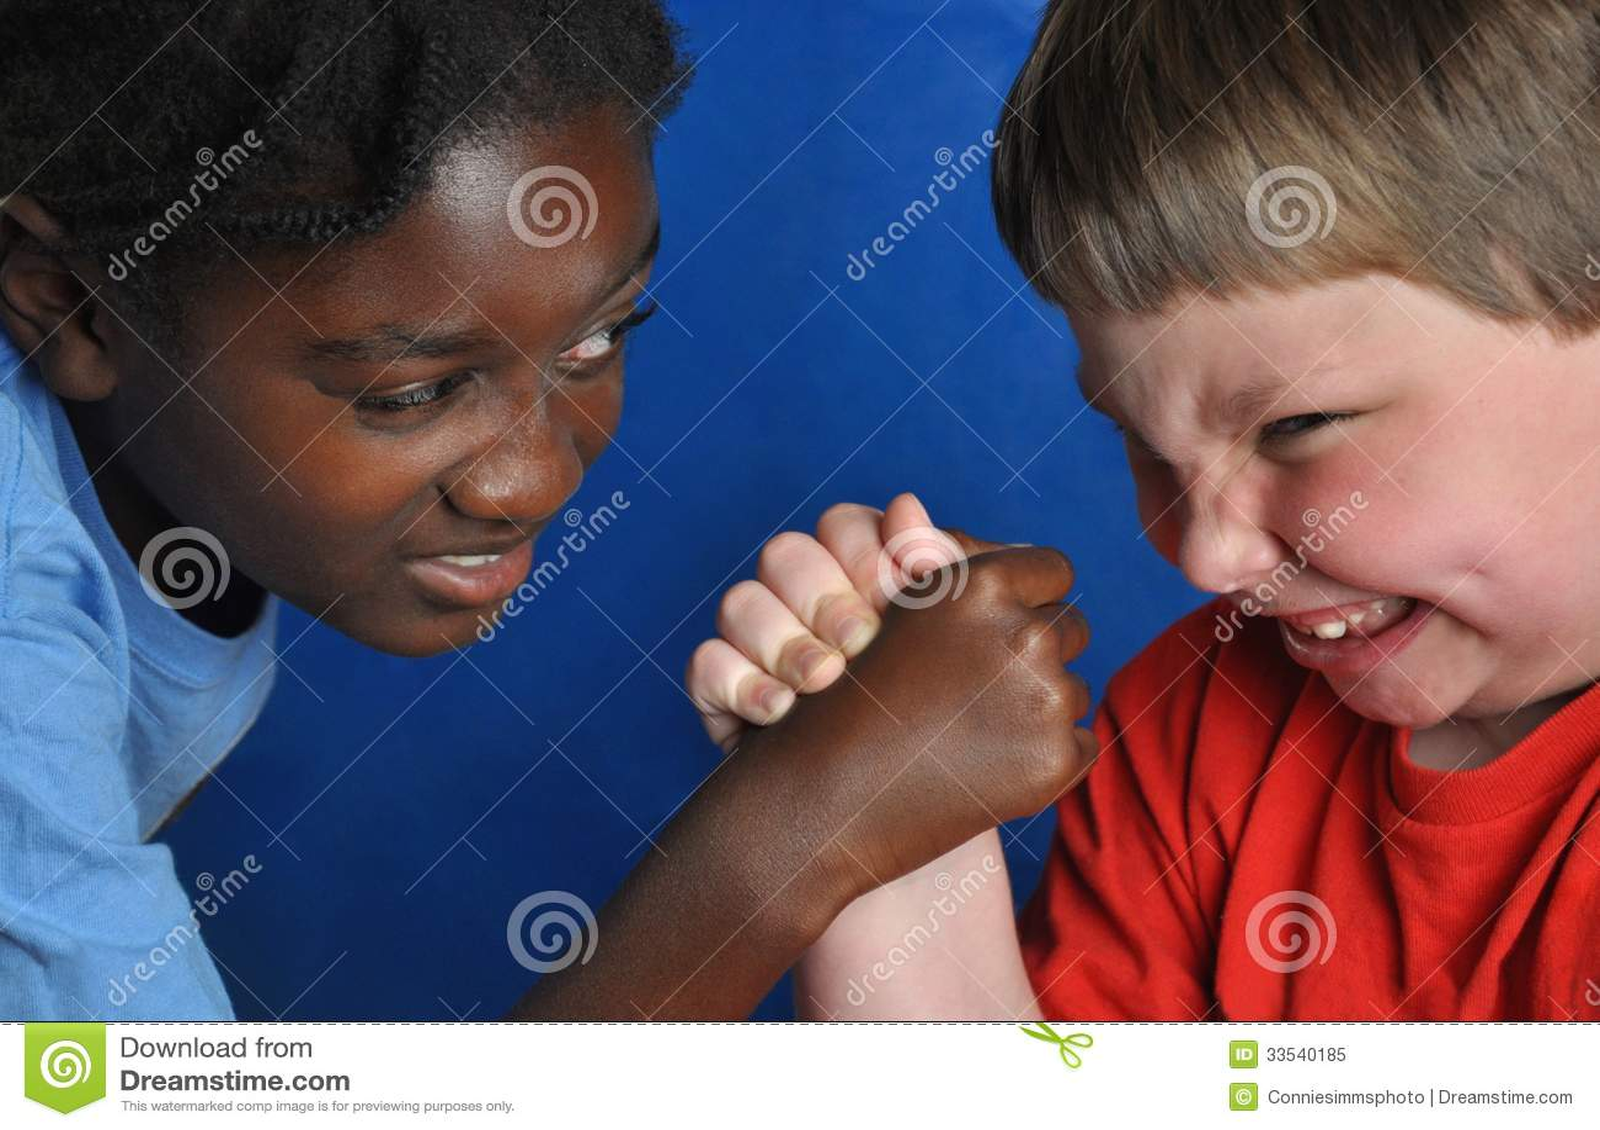 Boys arm-wrestling